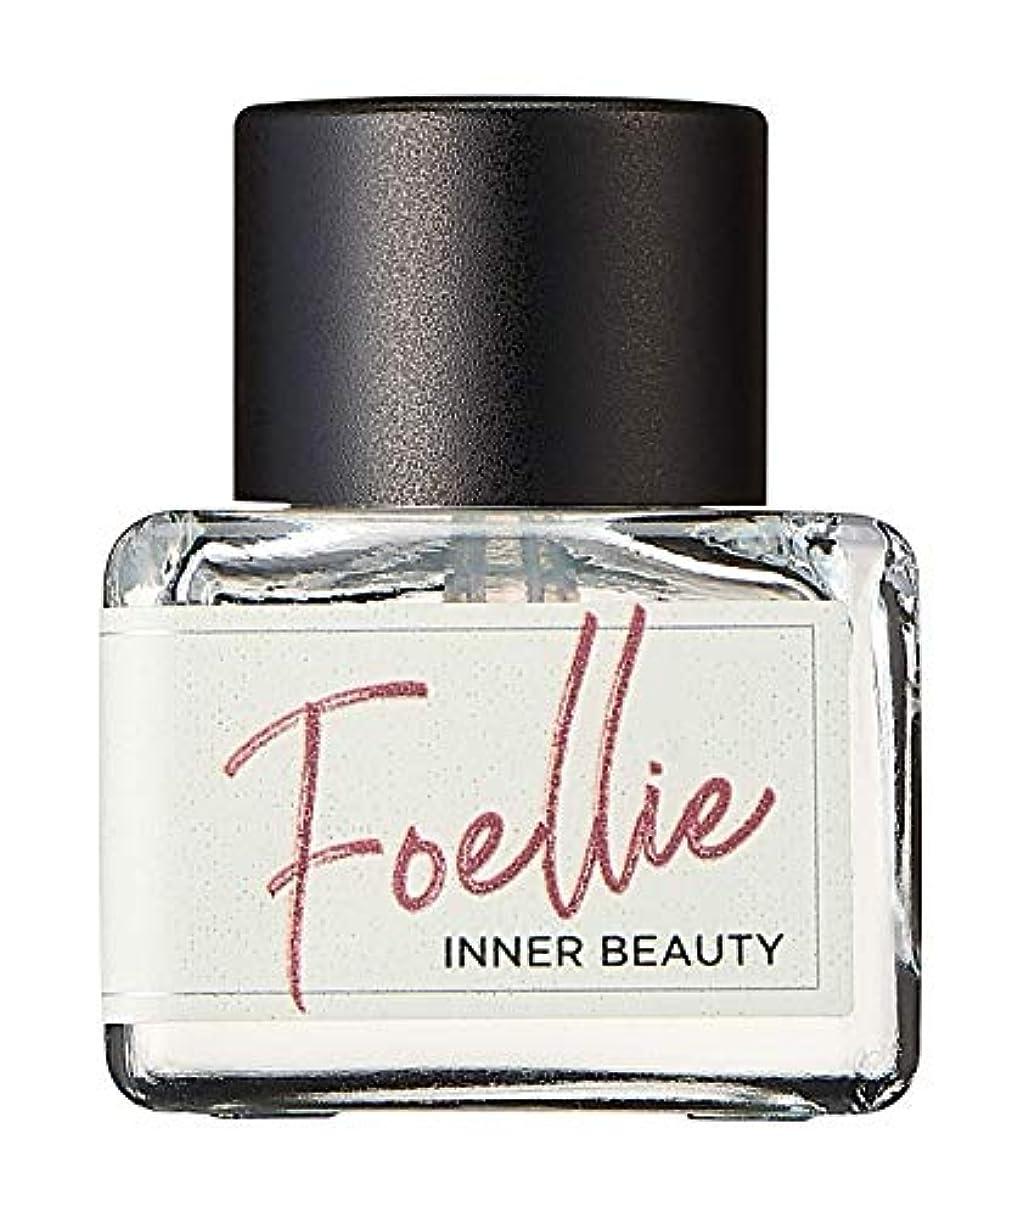 のれん悪名高い軽蔑する[フォエリー(FOELLIE)] eau de bonbon オードボンボン – フェミニン、インナービューティー香水(下着用)、甘い桃の魅力的な香りの香水, 5ml(0.169 fl oz)